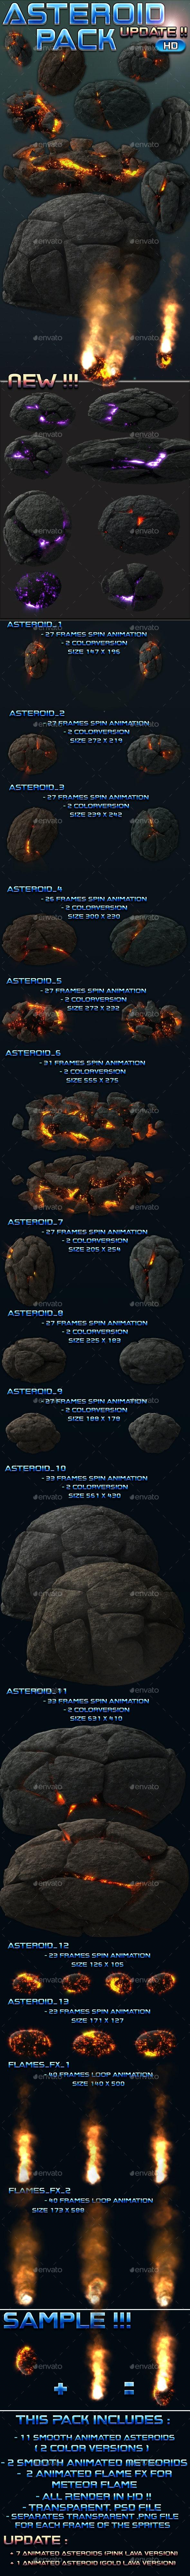 Asteroid Meteroid Pack - Sprites Game Assets